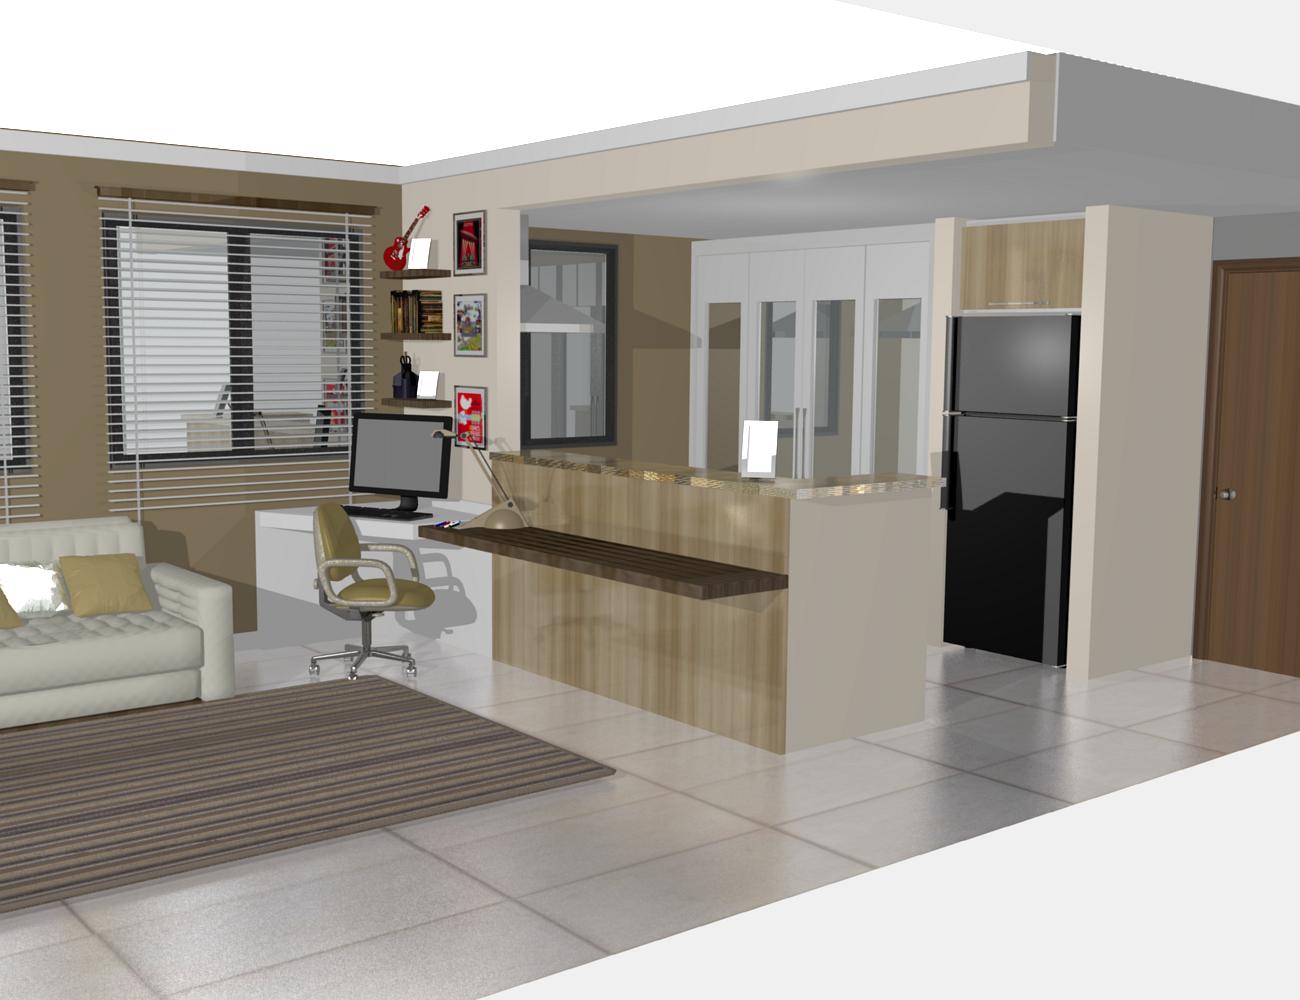 cozinha planejadas pequenas decorada americana modulada luxo moderna  #5F4B3B 1300 1000